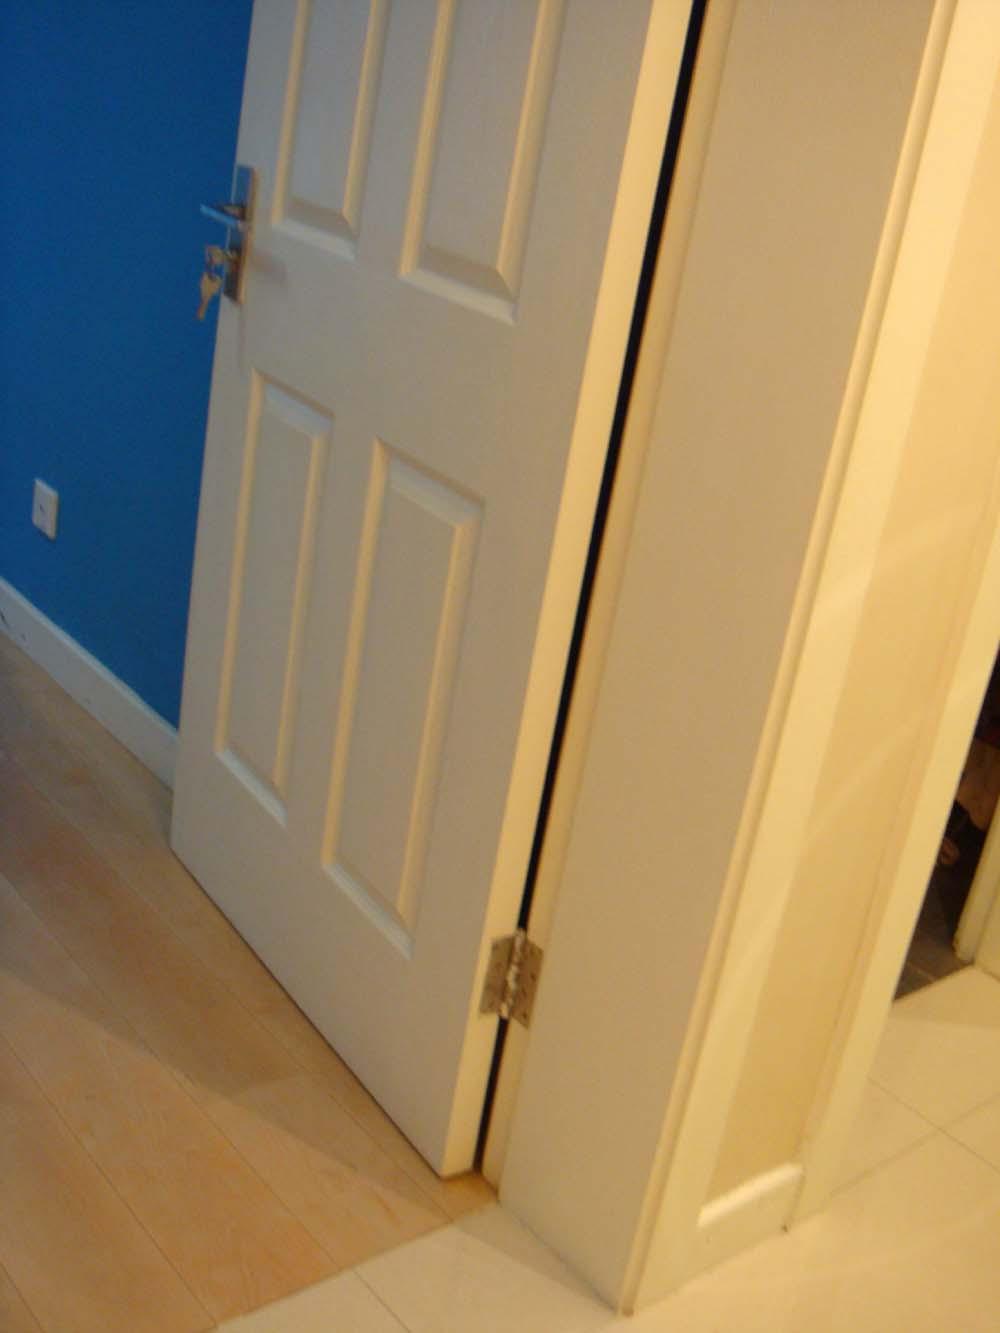 有白色墙面白色踢脚线白色门套浅色地板的家吗?